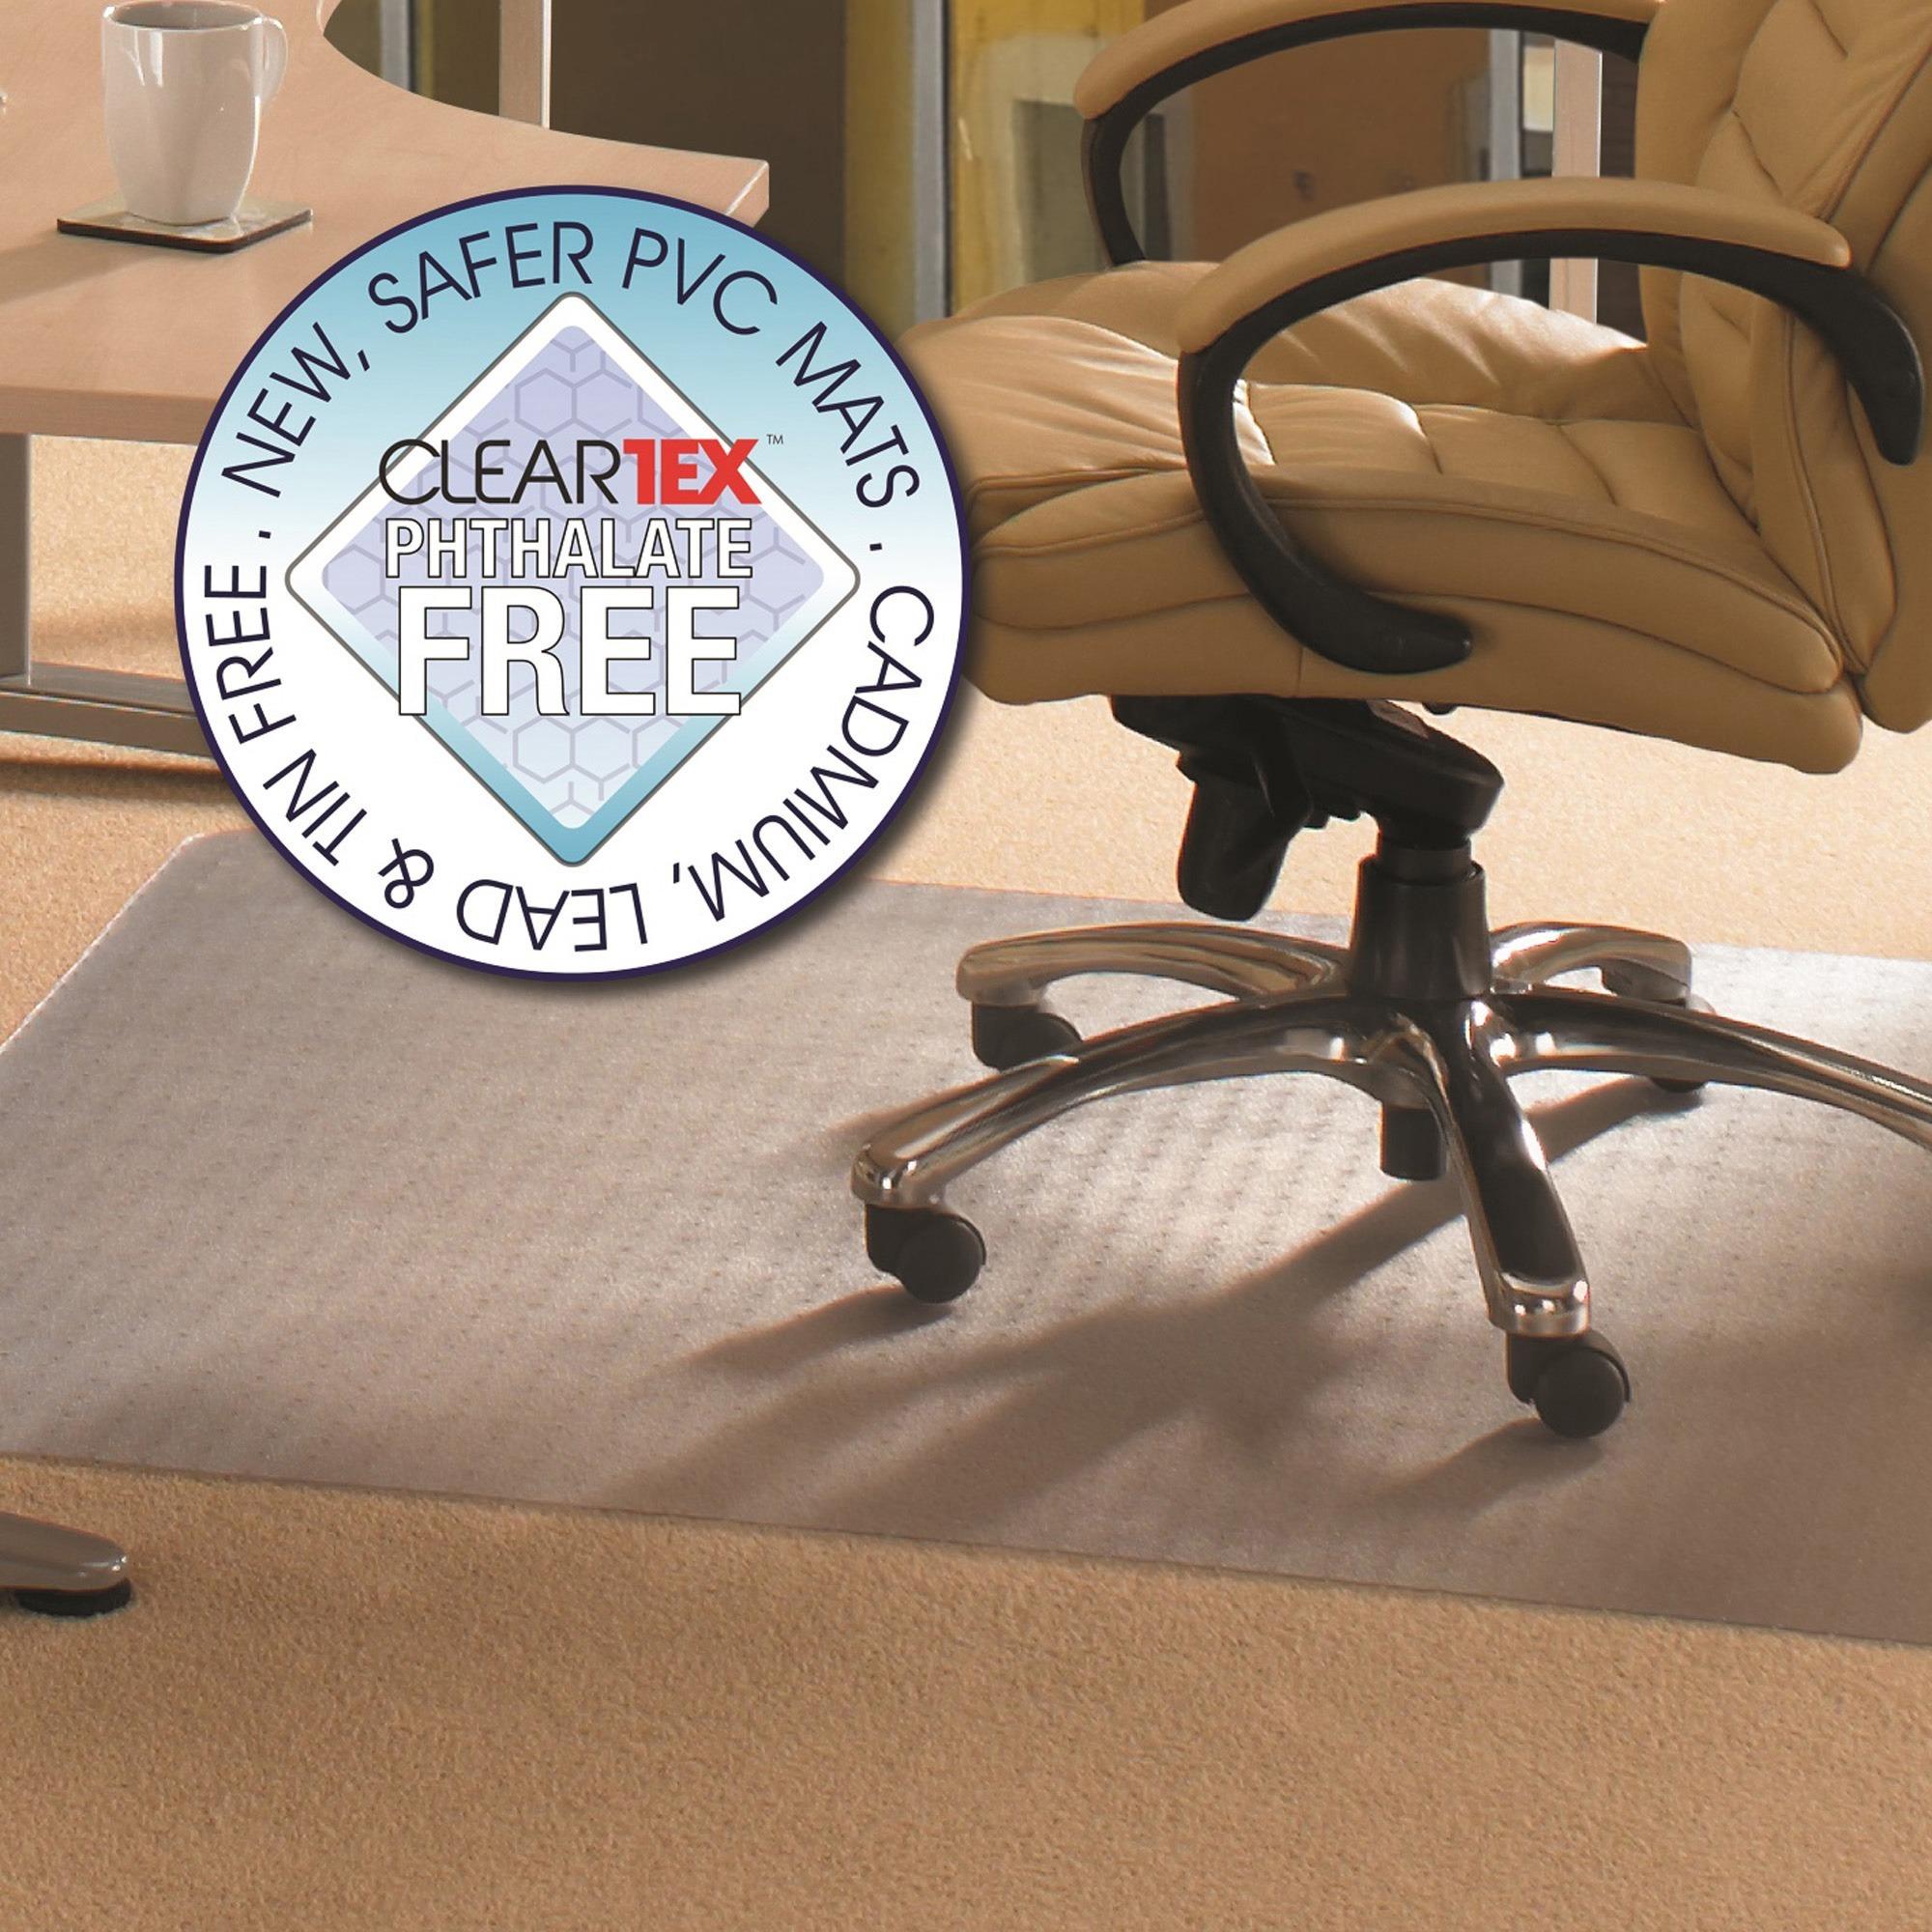 Floortex Cleartex Advantagemat 36 x 48 Chair Mat for Low Pile Carpet, Rectangular